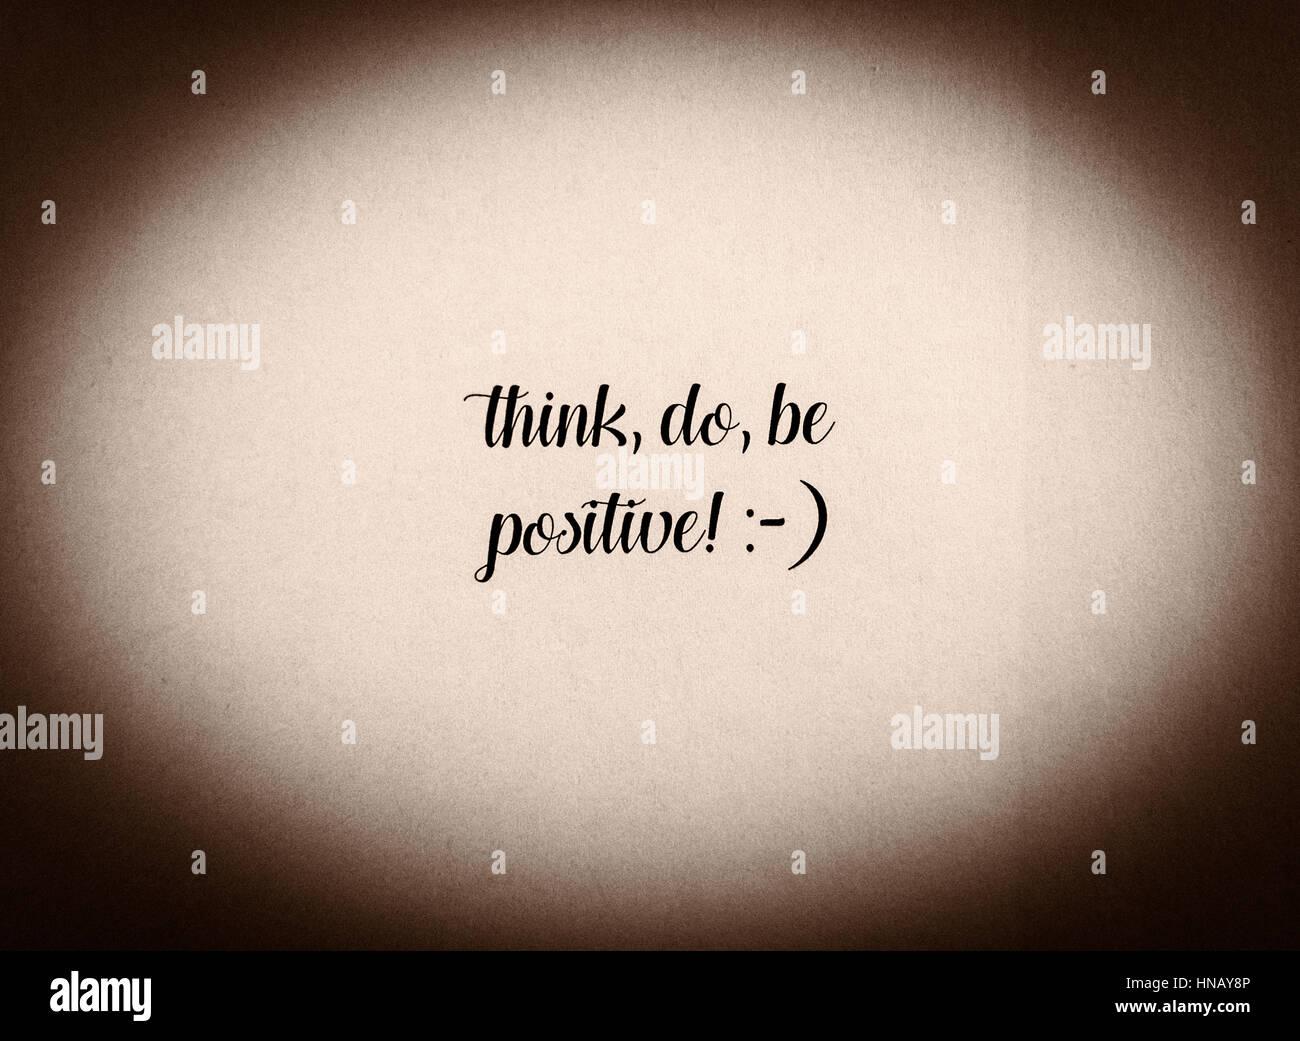 Essere Positivo Una Frase Scritta In Bianco E Nero Effetto